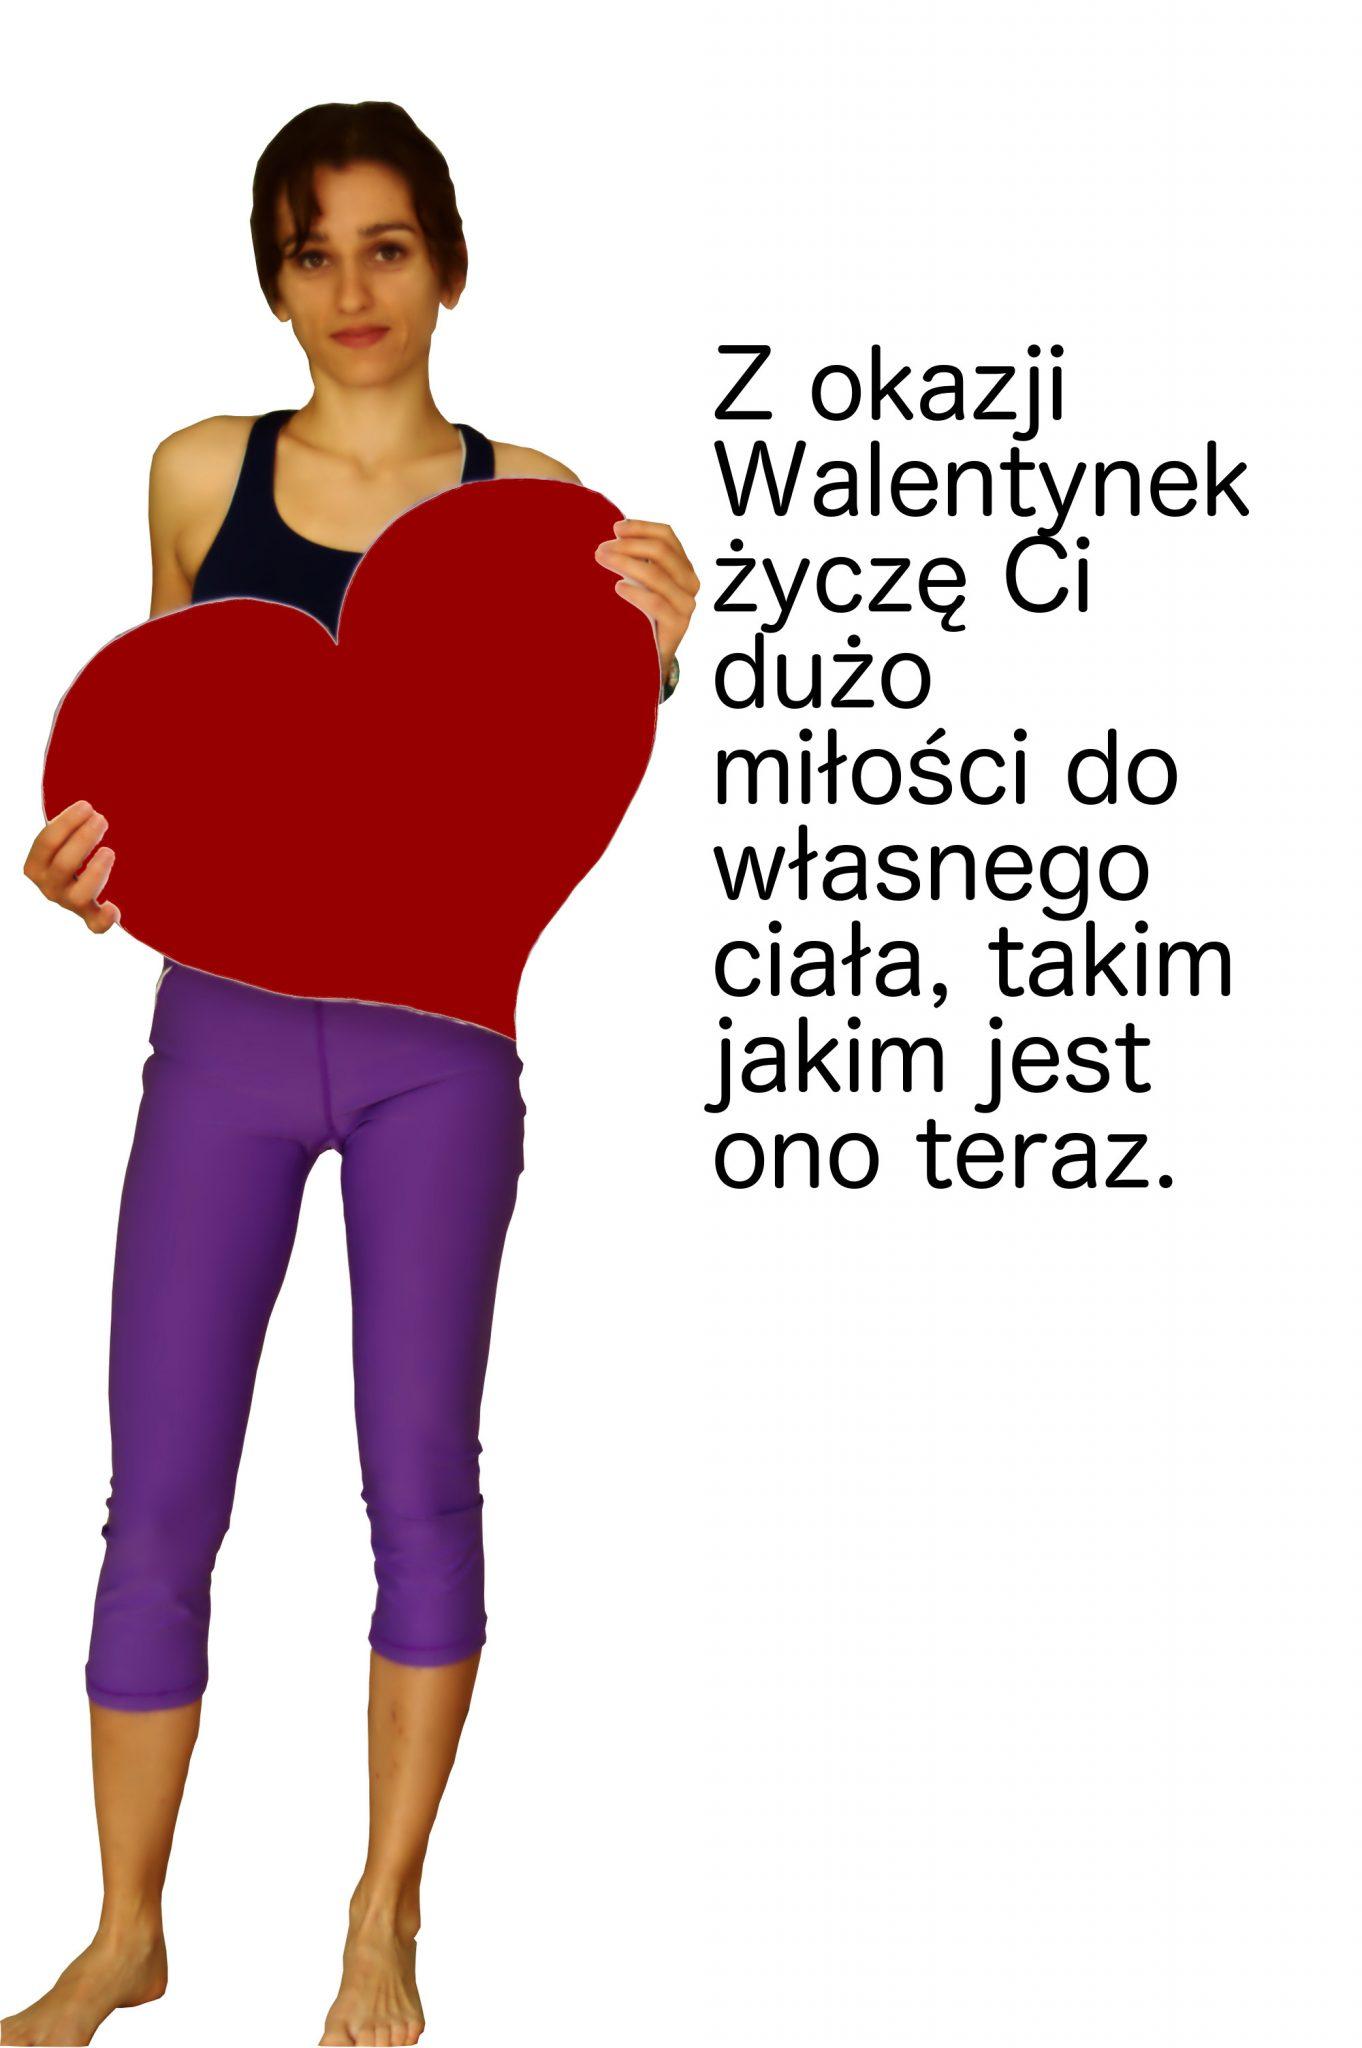 walentynki, cwiczenia na miesnie, cwiczenia na brzuch, cwiczenia na uda, cwiczenia na nogi, valentine's Day, abs, legs exercises, thigh exercises, love. miłość, odchudzanie, weight loss